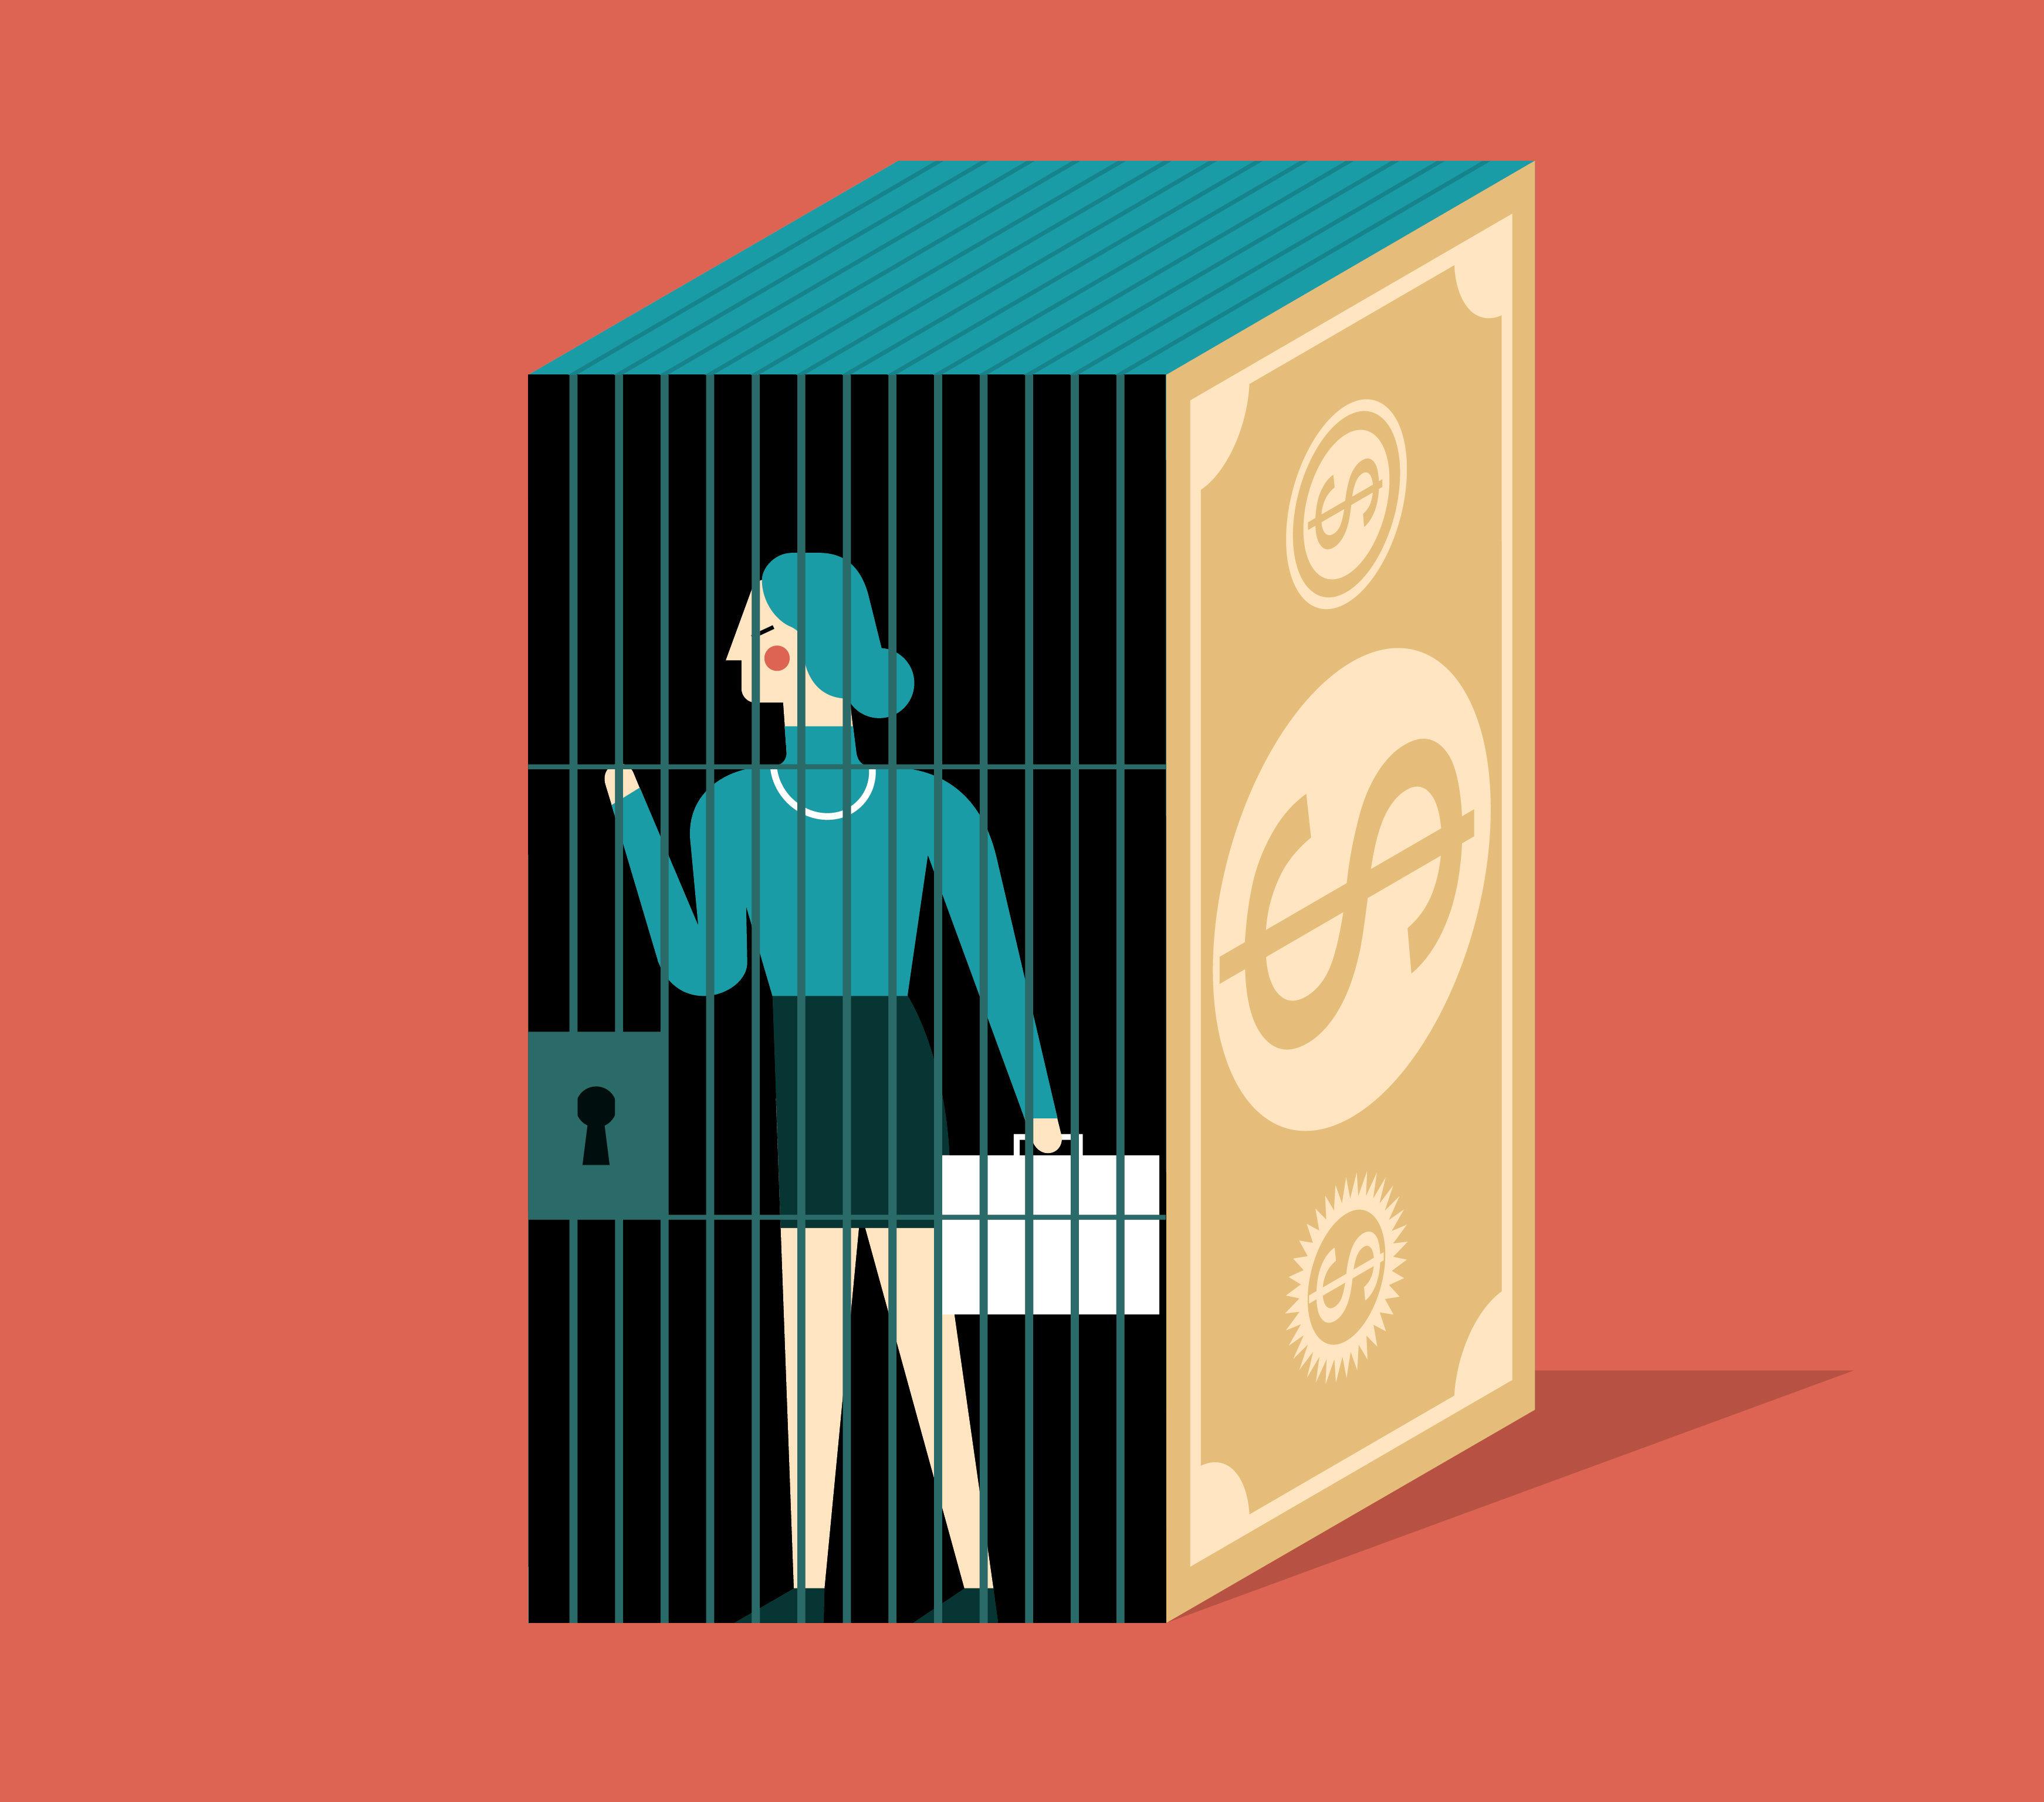 Αύξησης της γυναικείας απασχόλησης και μισθολογική ισότητα: Μπορεί να φέρει κέρδη